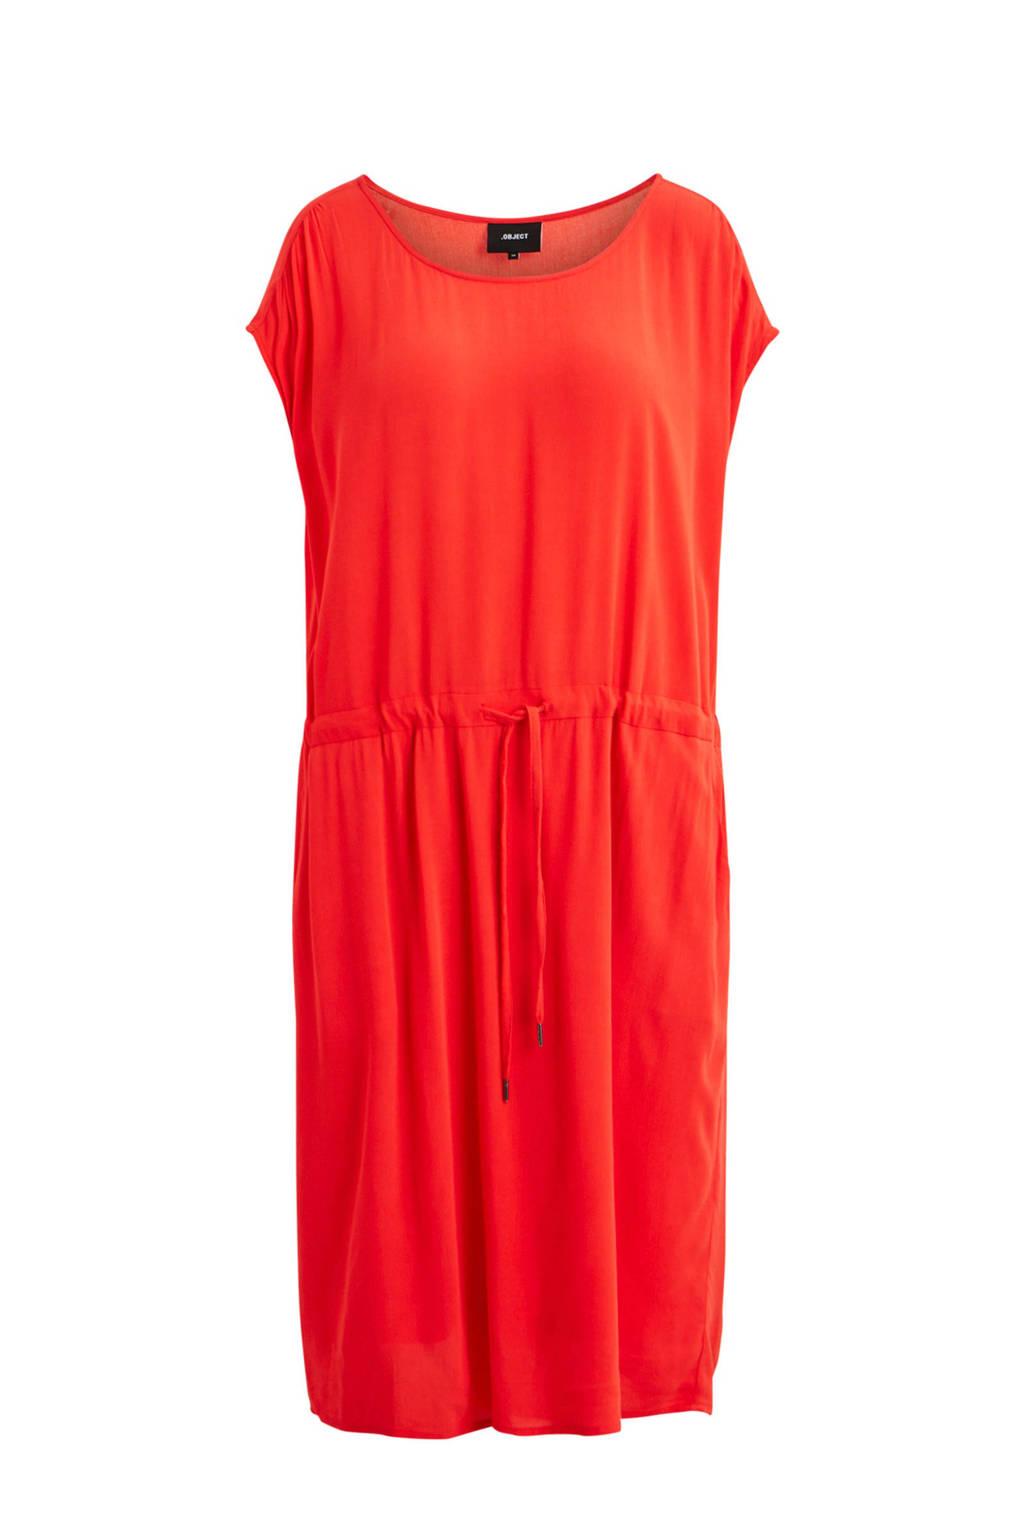 OBJECT jurk rood, Rood